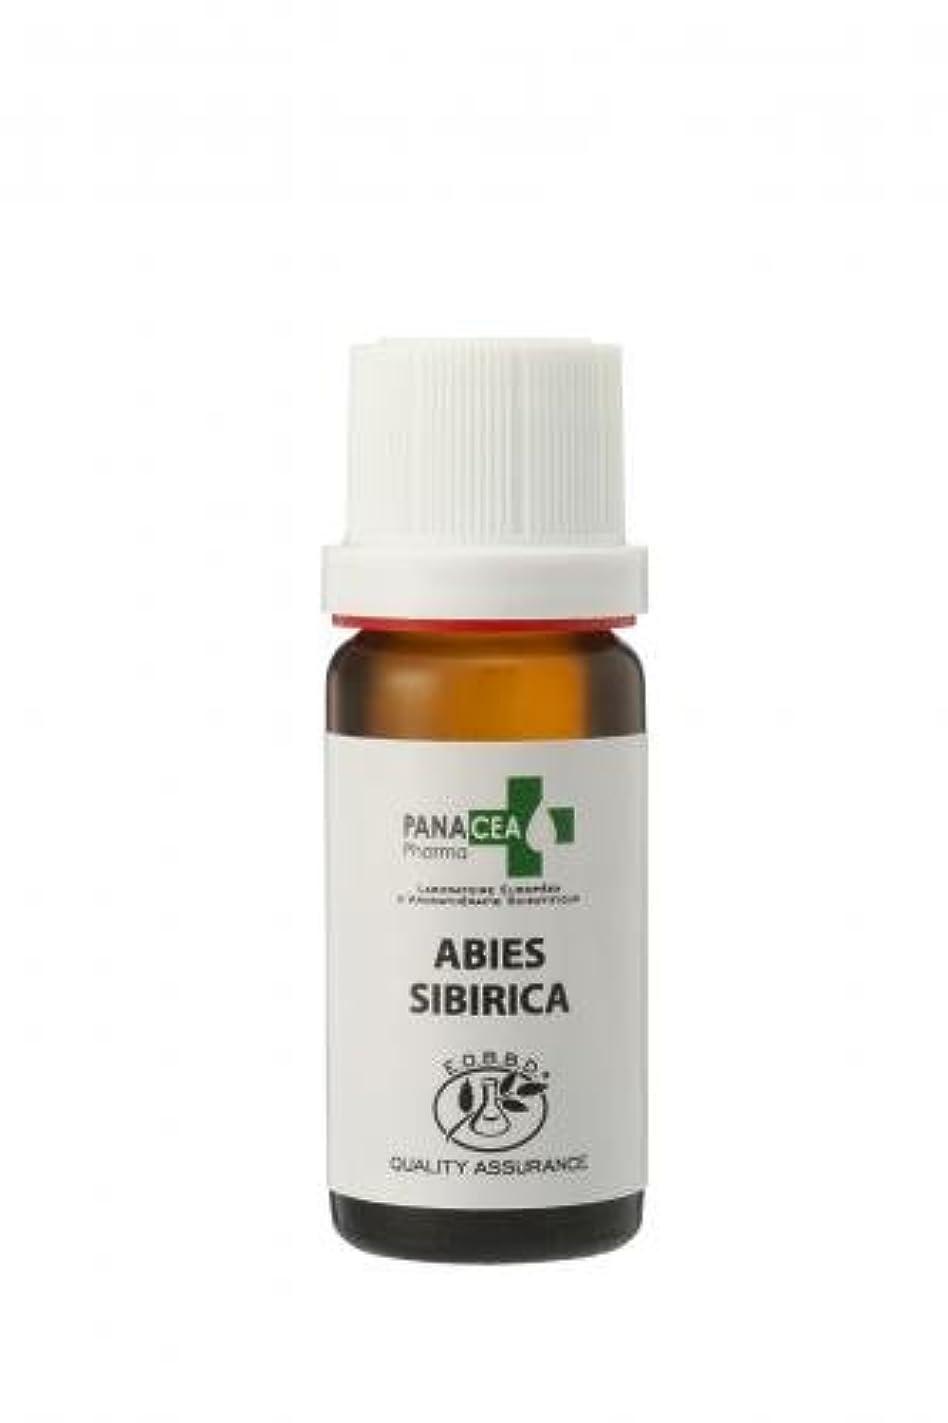 誇り予防接種バーストシベリアモミ (Abies sibirica) 10ml エッセンシャルオイル PANACEA PHARMA パナセア ファルマ